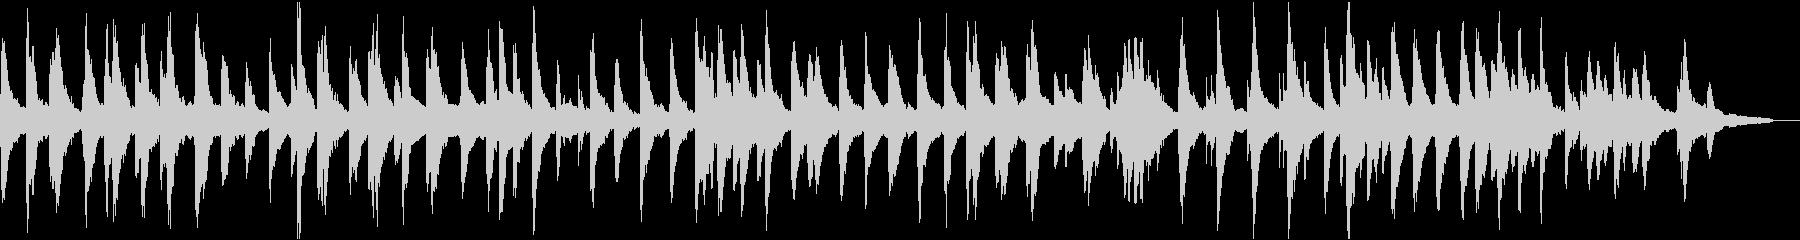 平和的な雰囲気の広がりのあるピアノソロの未再生の波形